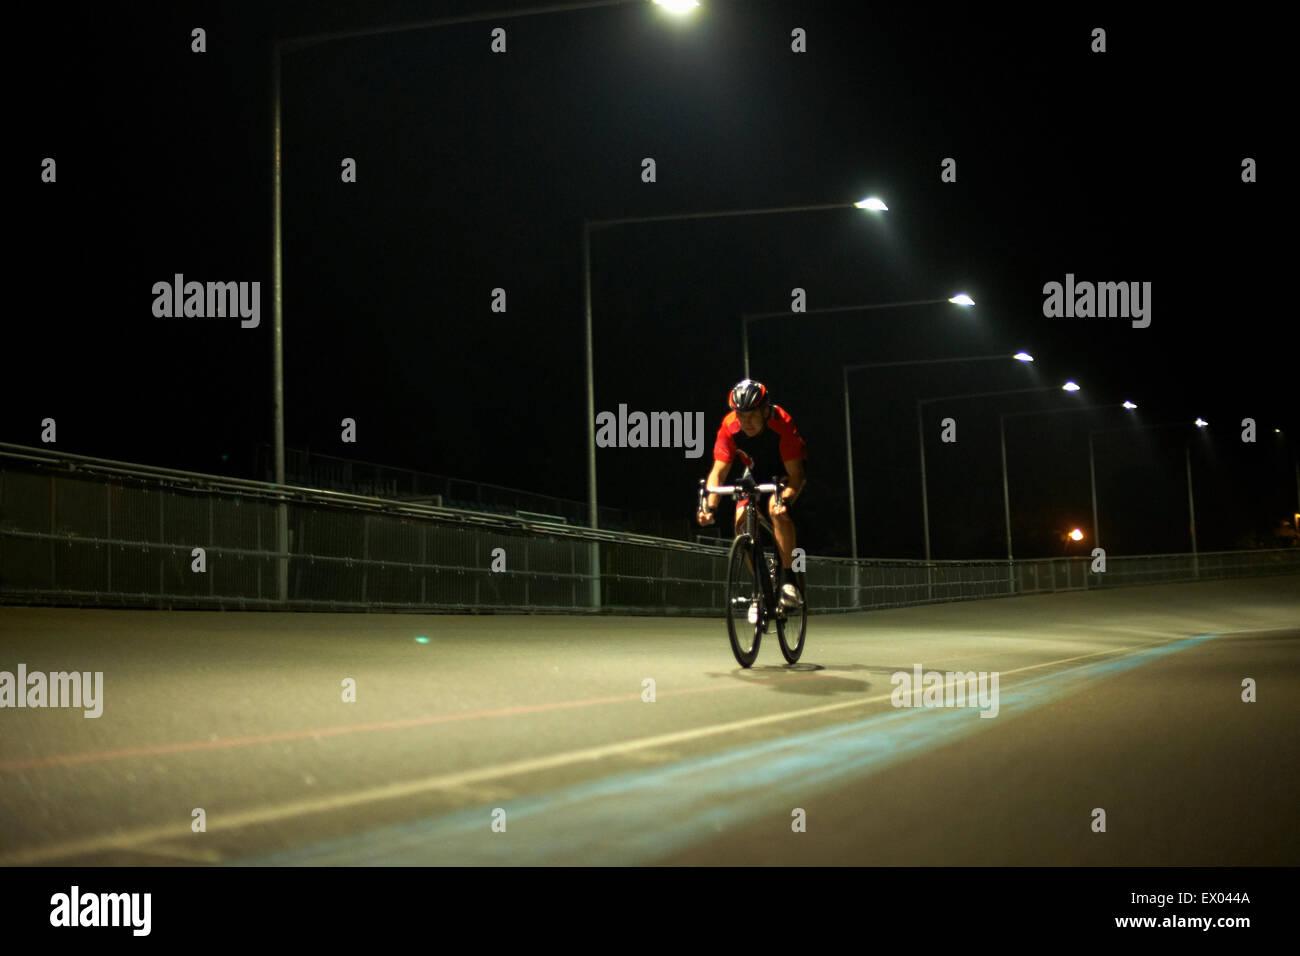 Ciclista ciclismo en pista en el velódromo, exteriores Imagen De Stock